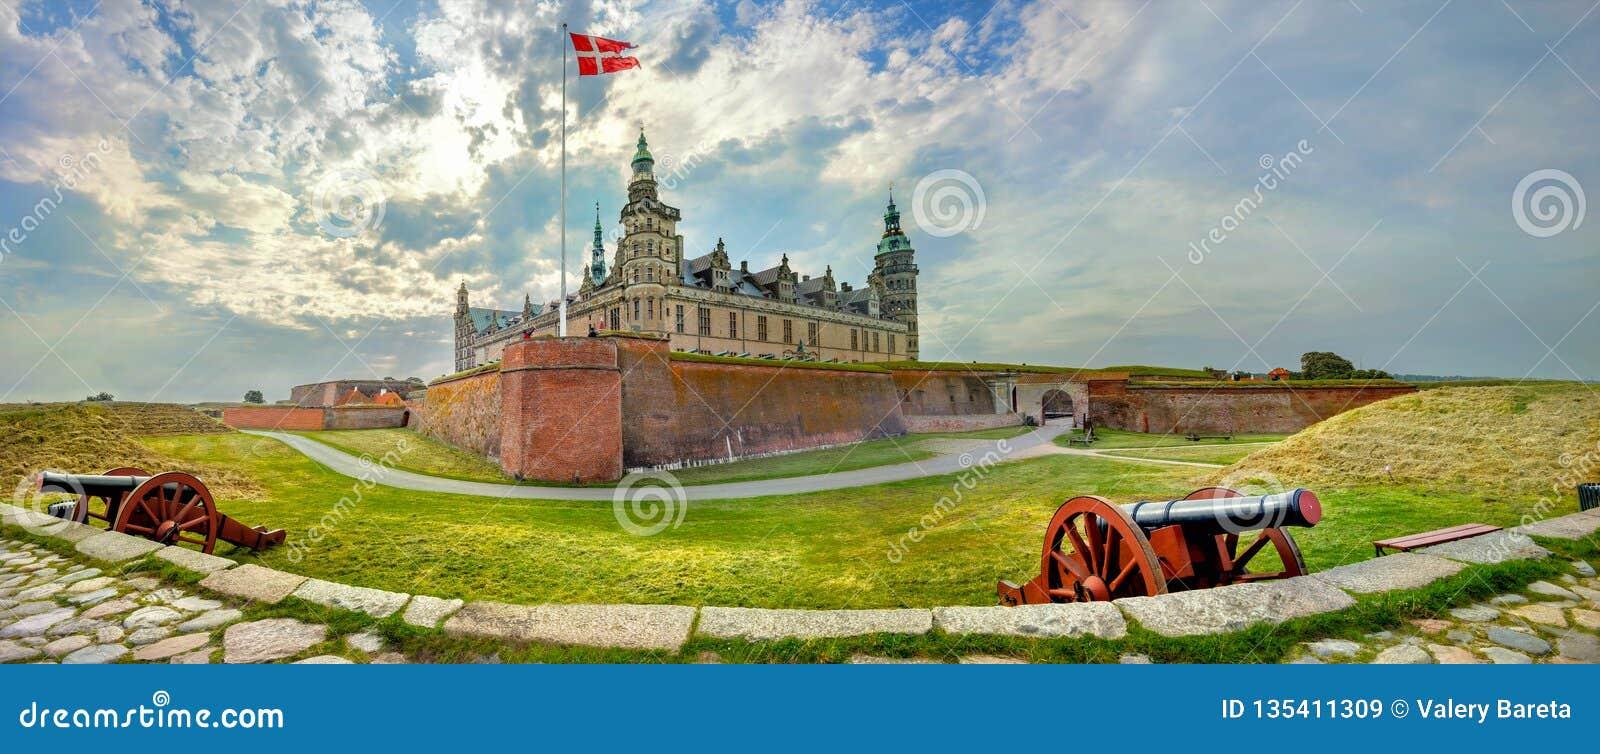 Οχυρώσεις με τα πυροβόλα και τους τοίχους του φρουρίου στο κάστρο Castle Kronborg Άμλετ Δανία helsingor